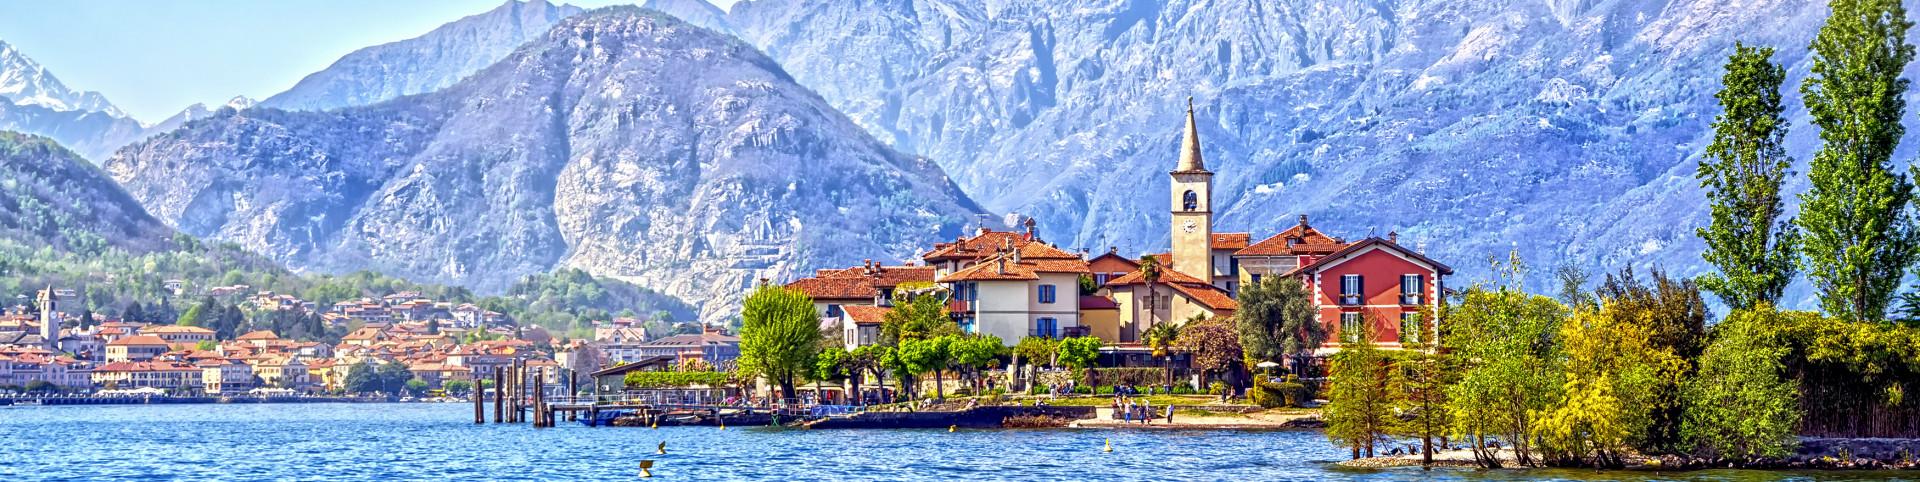 Lago Maggiore - ostrov Superiore dei Pescatori